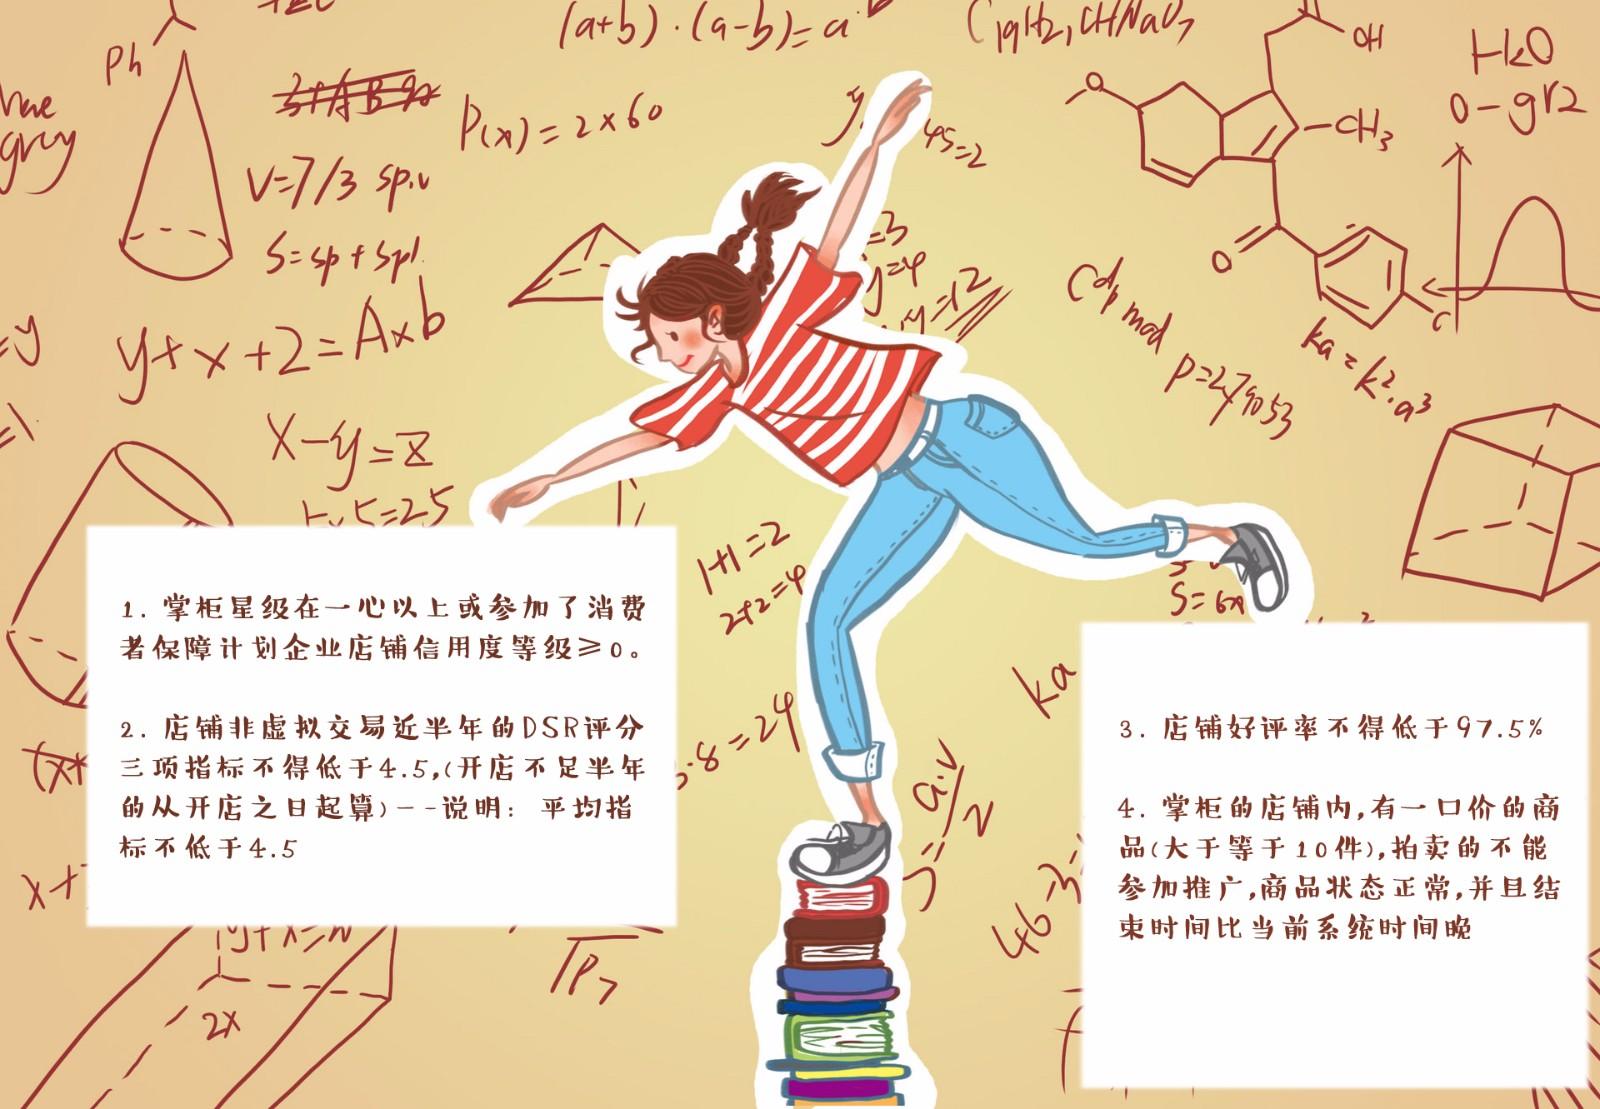 淘客推广条件.jpg